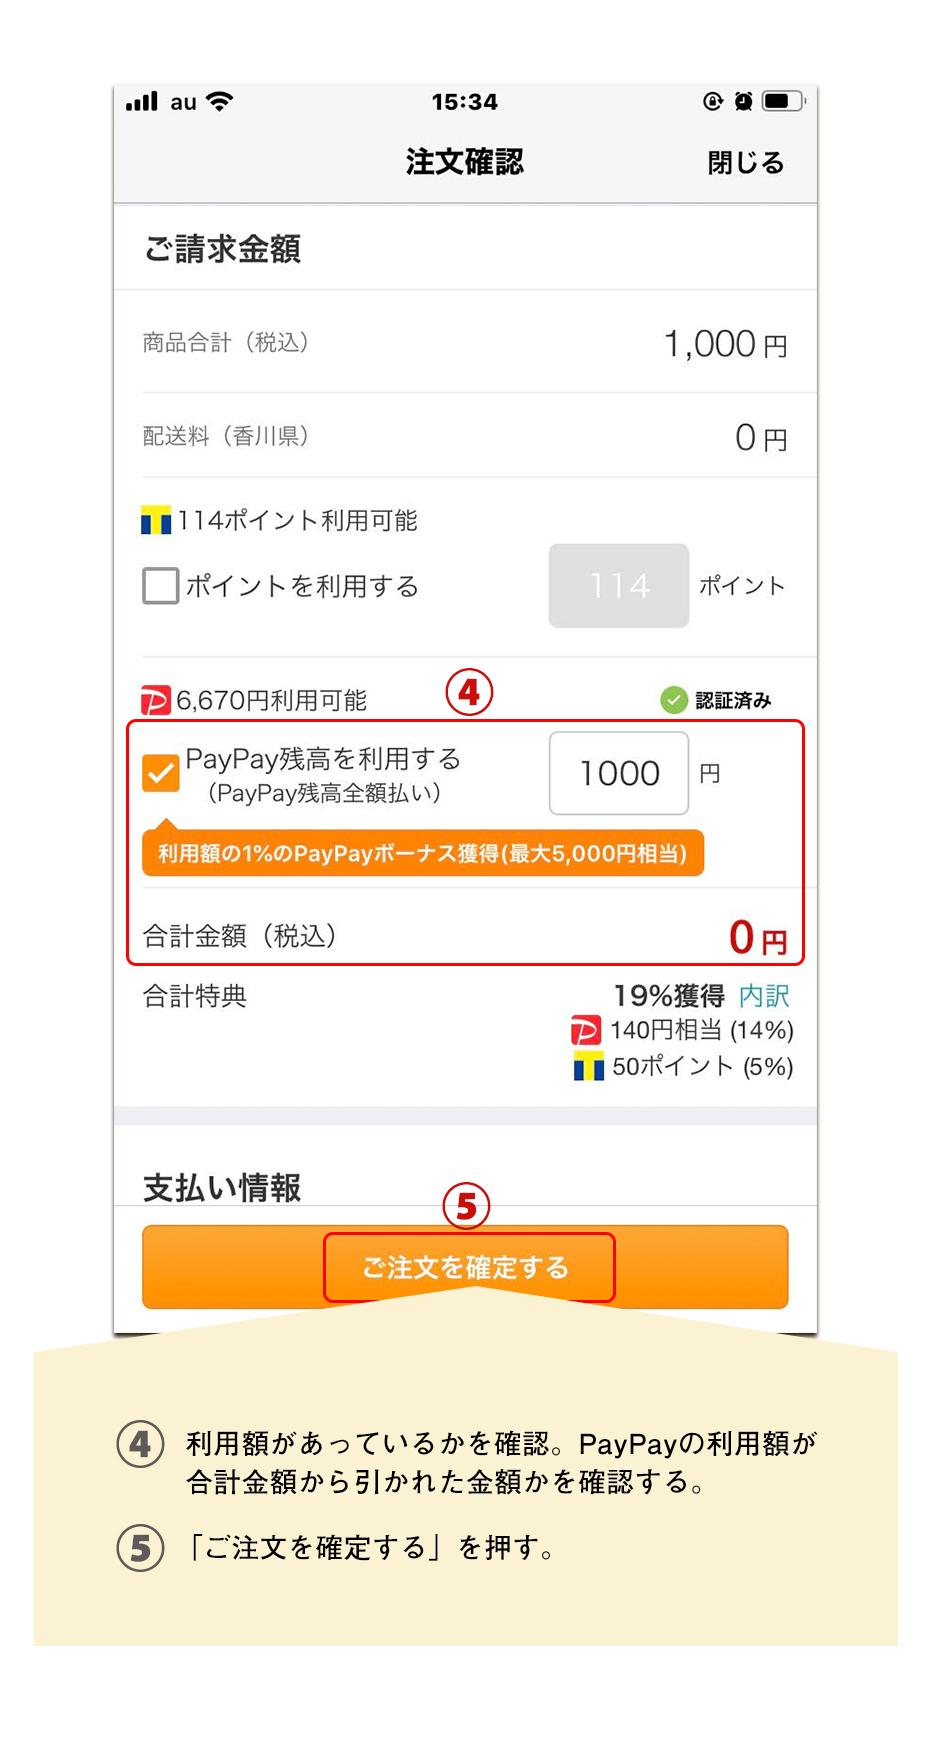 スマホ-PayPay残高払いの手順2